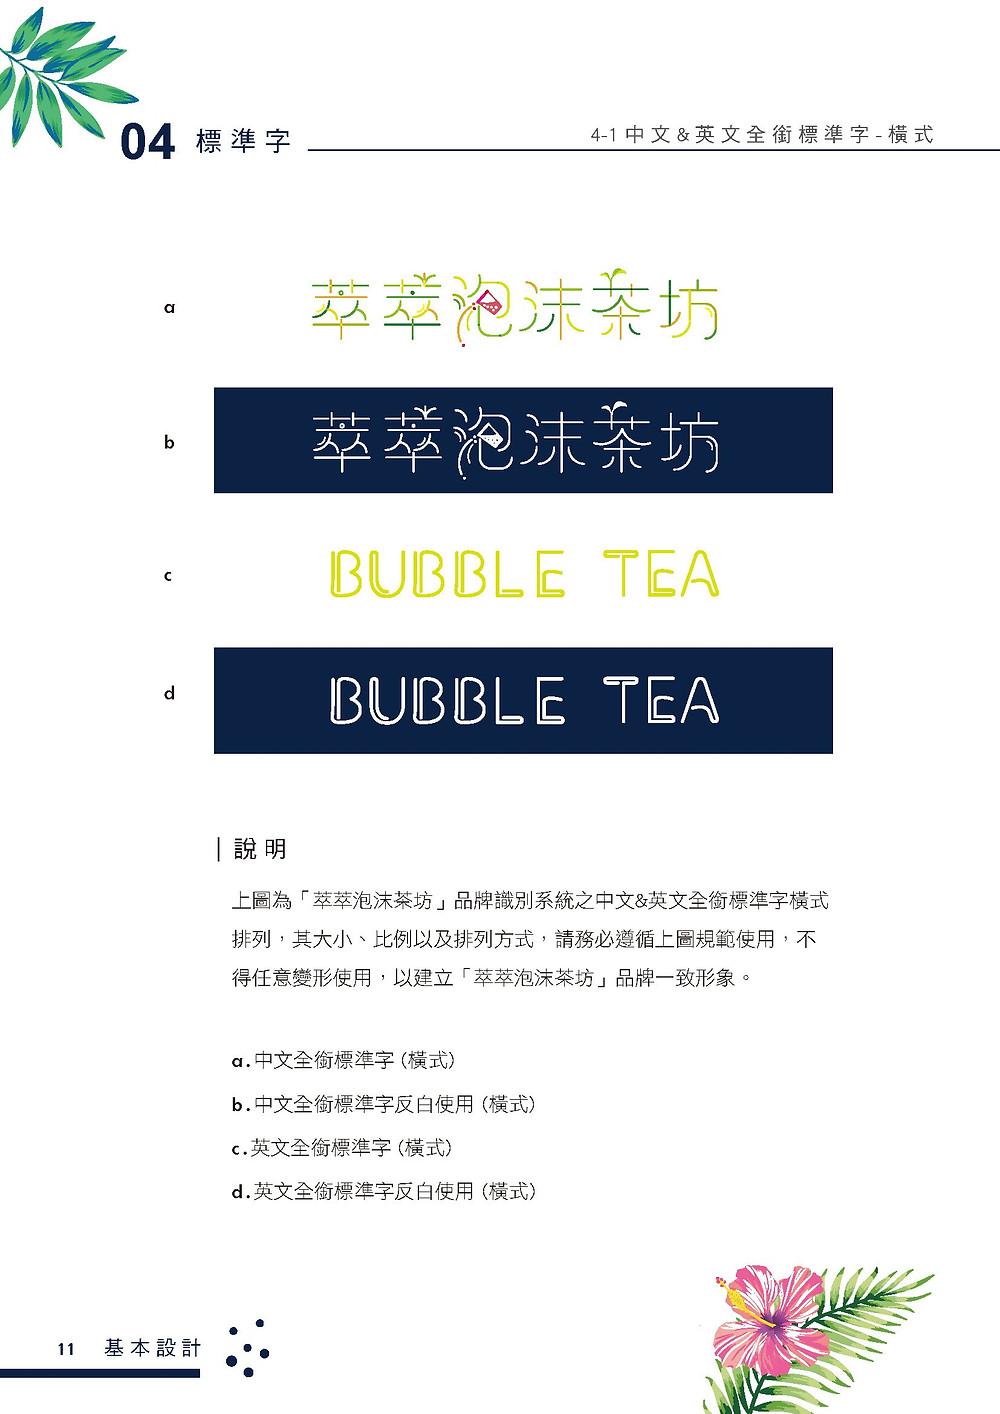 萃萃泡沫茶坊 品牌識別系統手冊 標準字 橫式